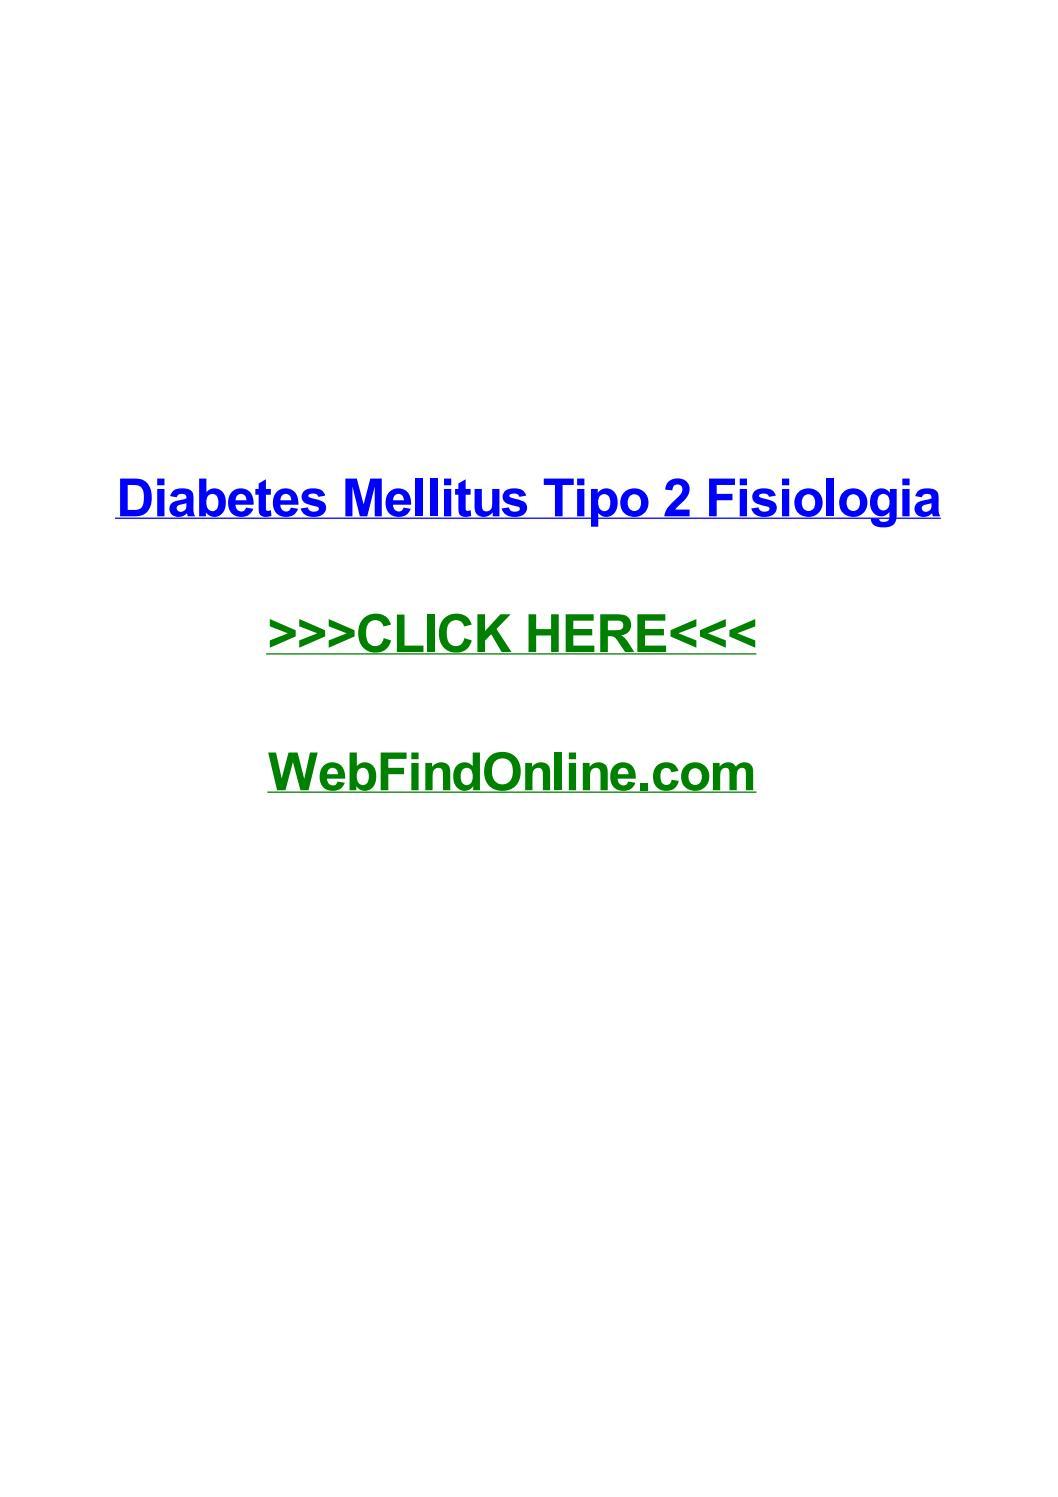 fisiopatologia do diabetes mellitus tipo 2